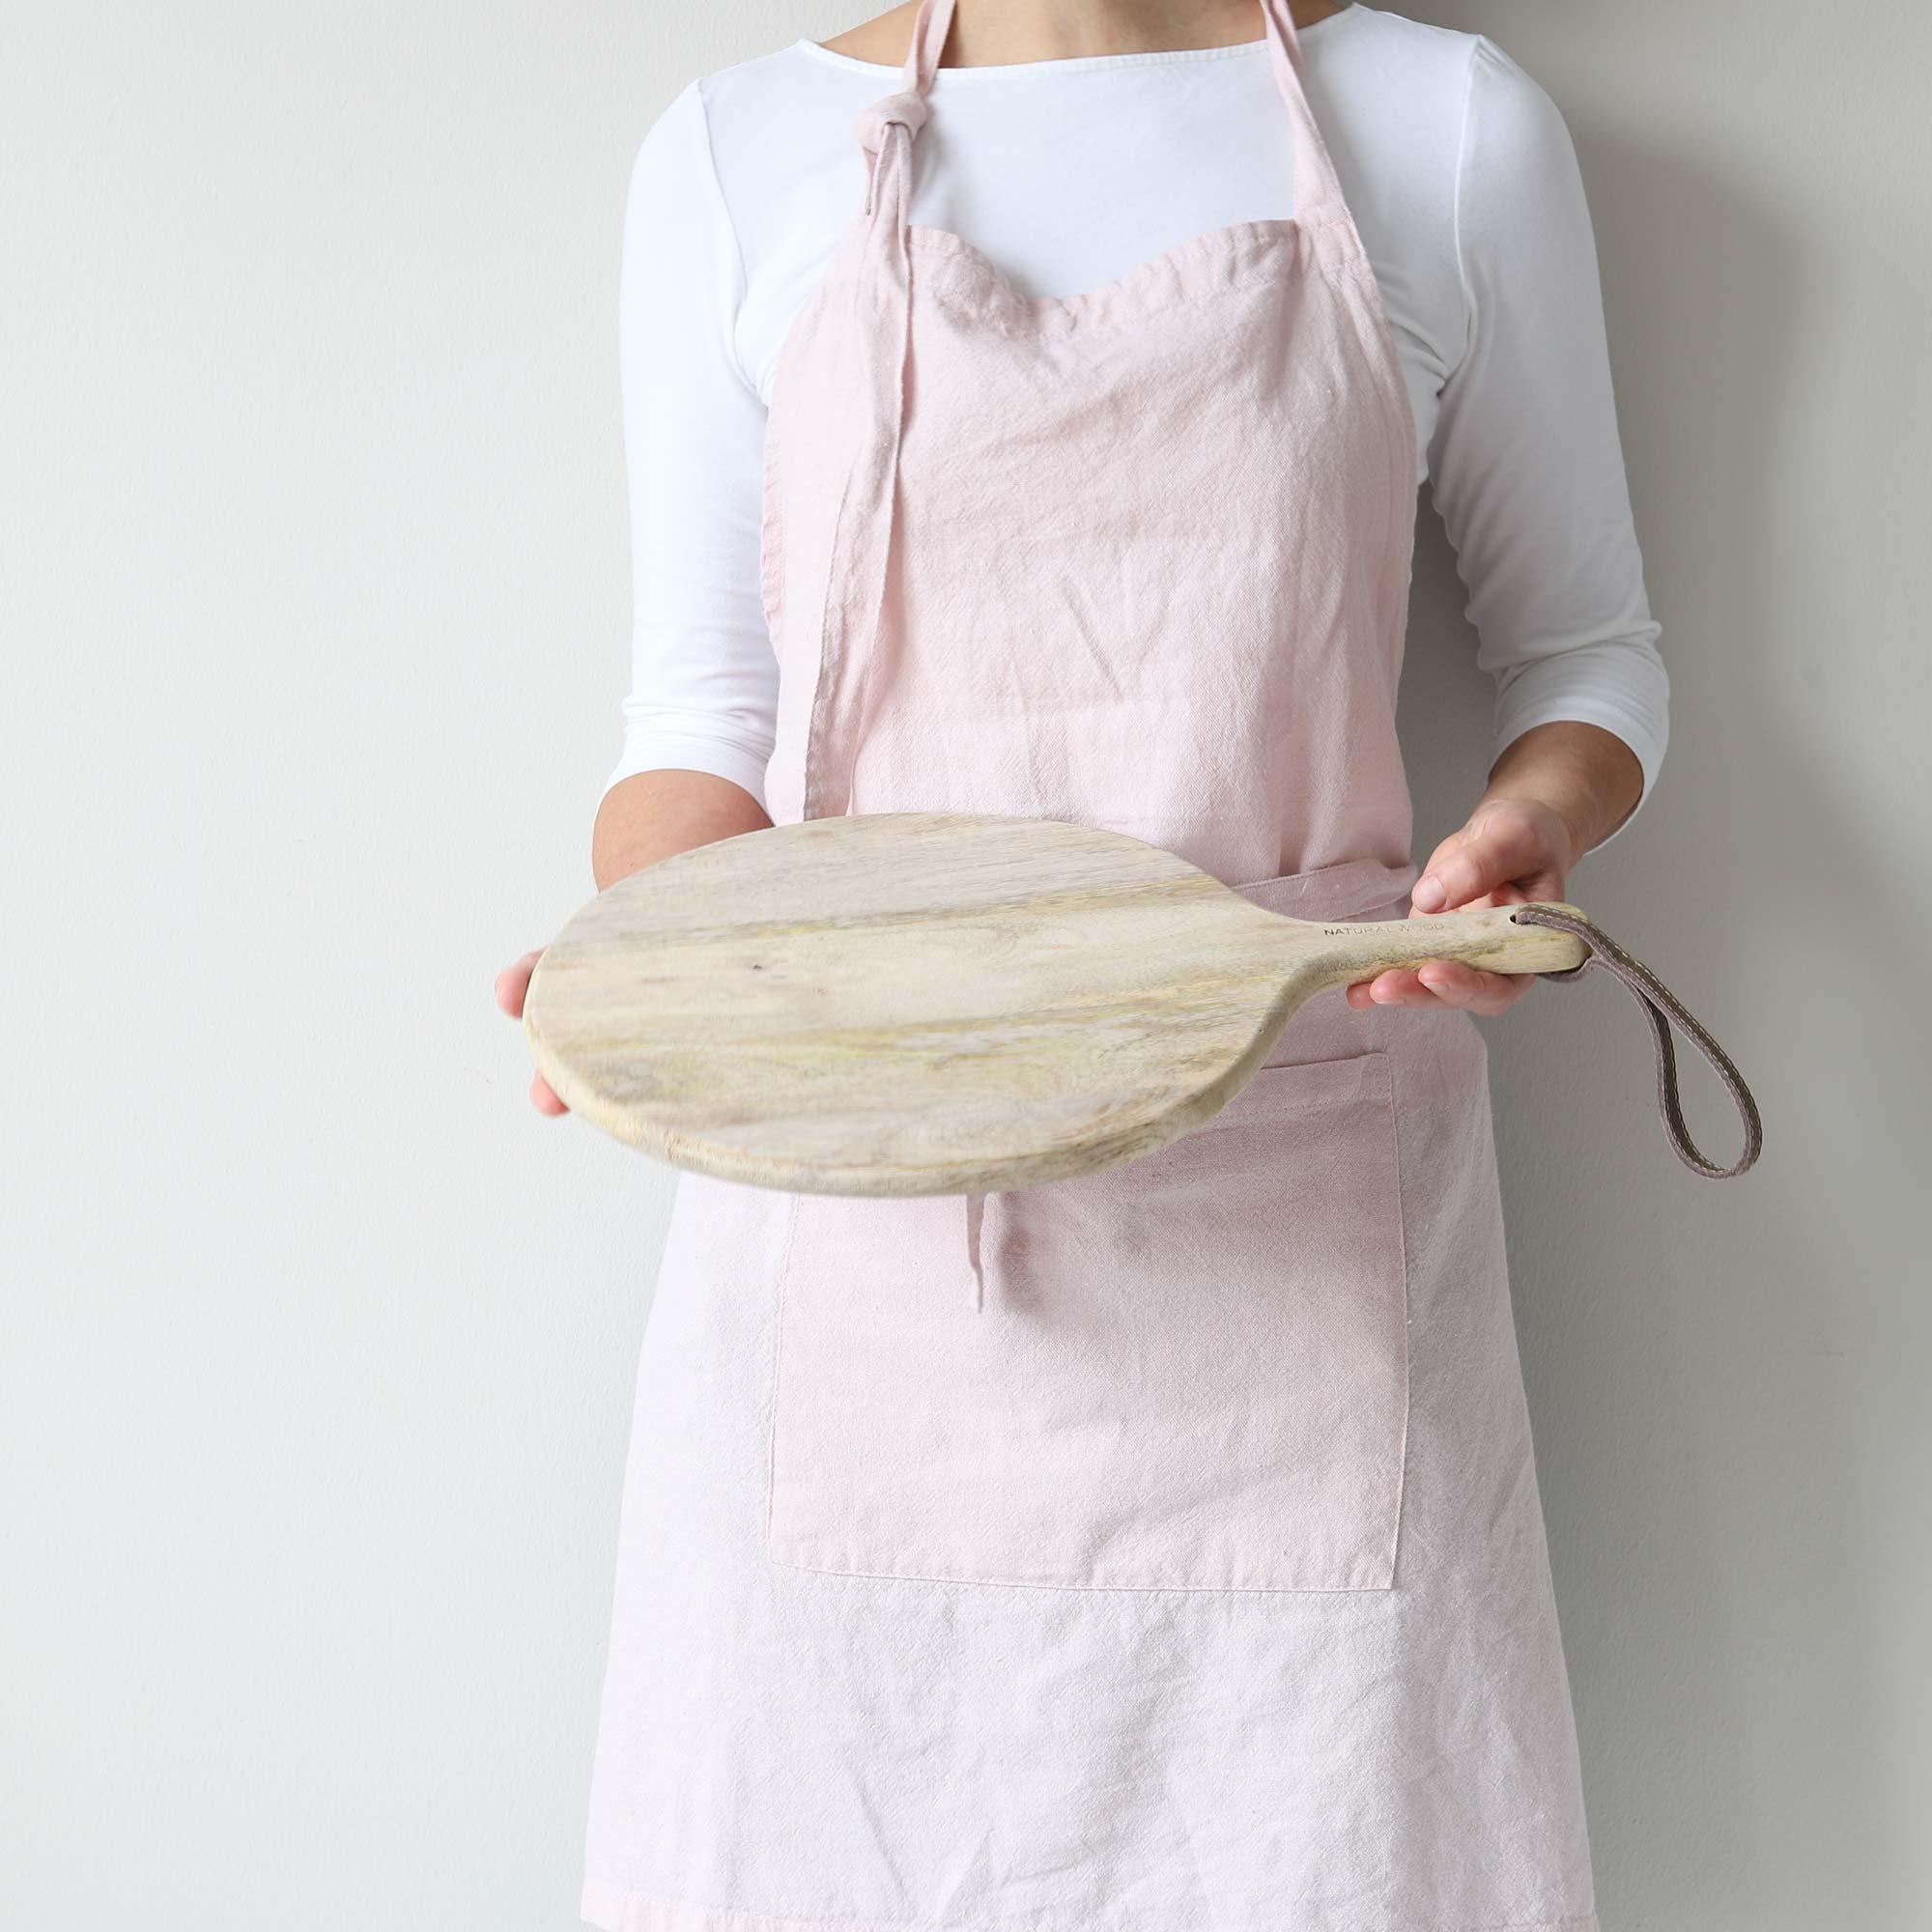 Rundes Pizzabrett aus Holz mit Griff, 30 cm Durchmesser ♥ Rundes Holzbrett, für das Anrichten von Lebensmitteln. Pizzabrett, Brotzeitbrett ♥ online kaufen